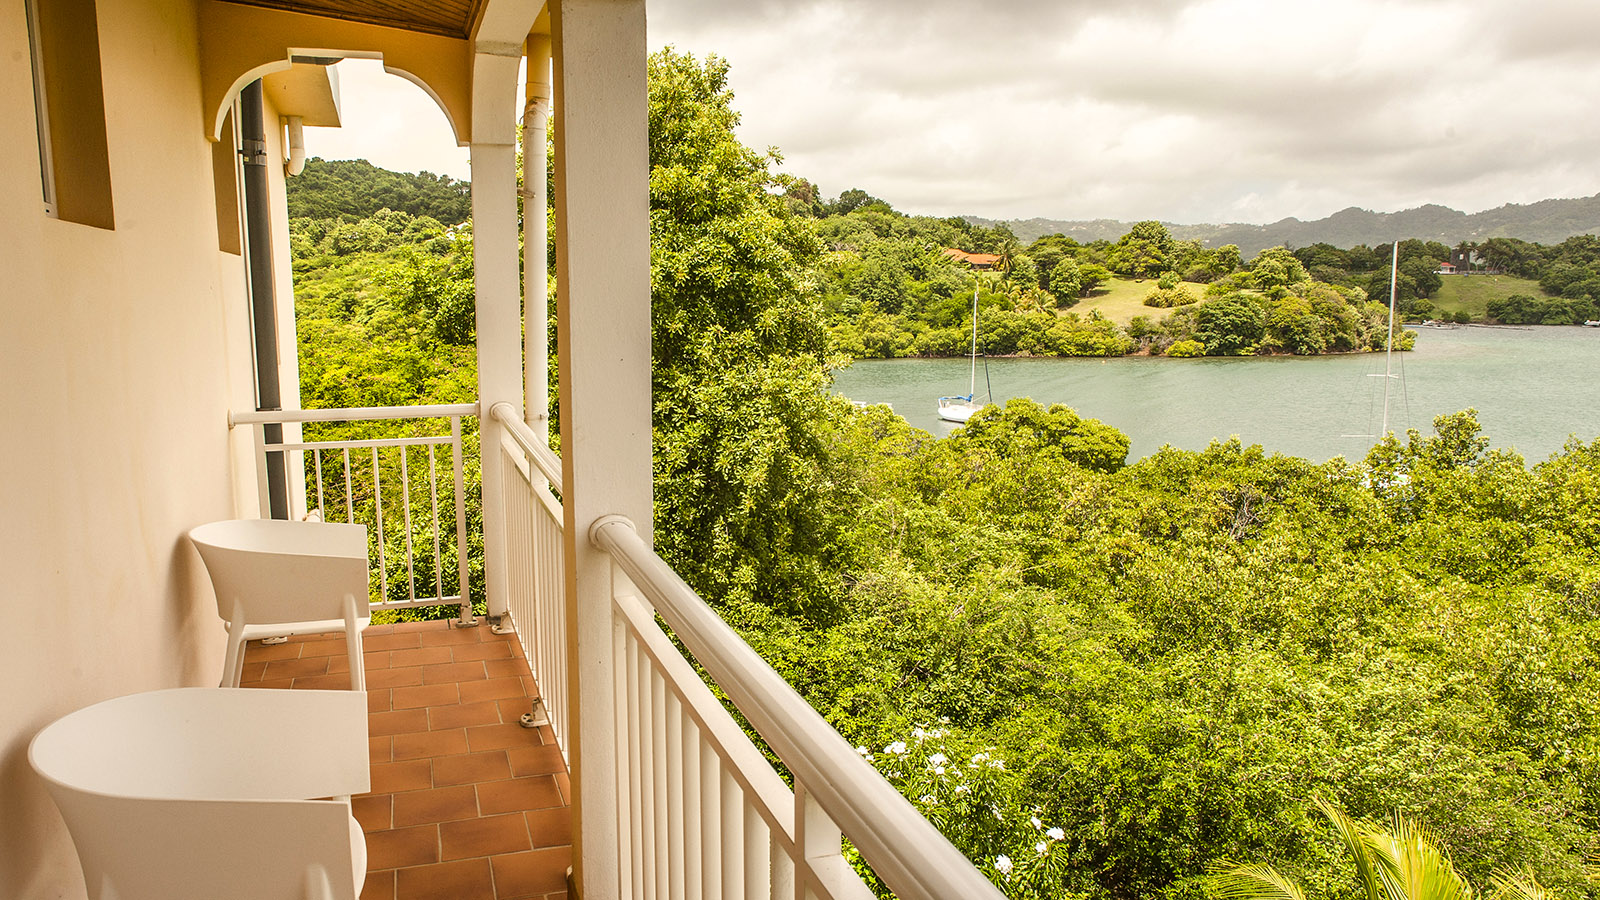 Der Blick von der Kochvilla aufs karibische Meer. Foto: Hilke Maunder